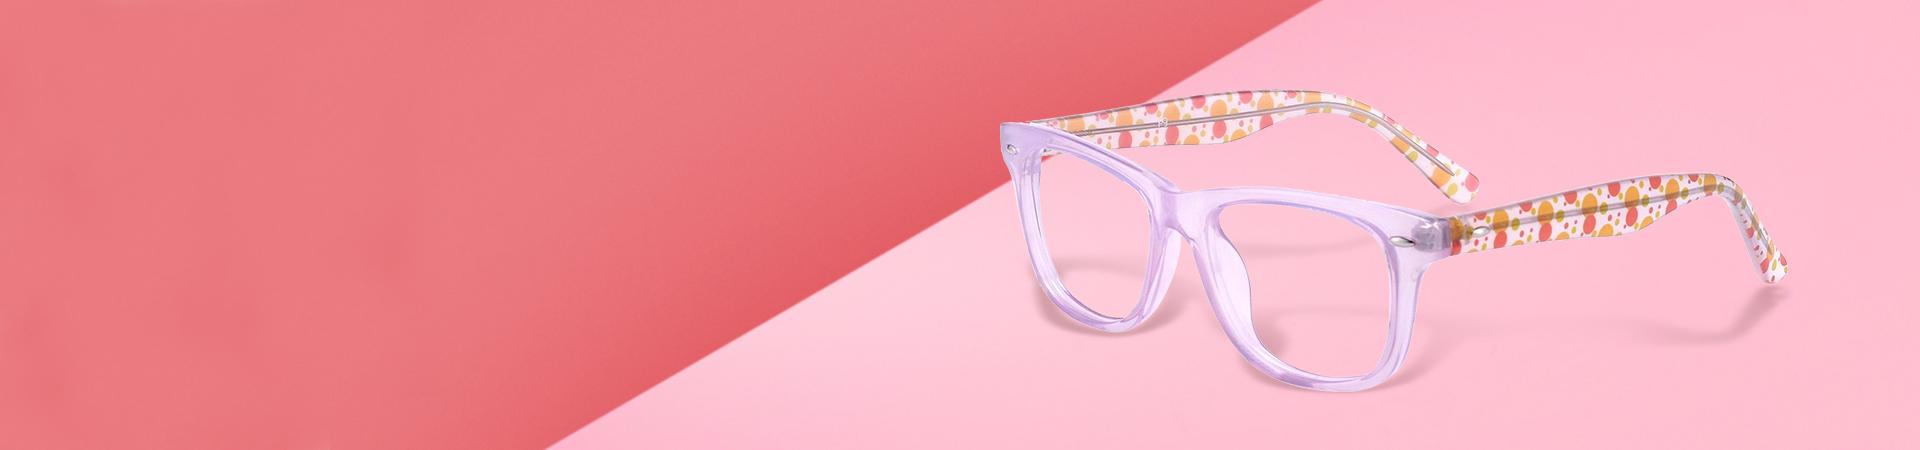 kids' eyeglasses